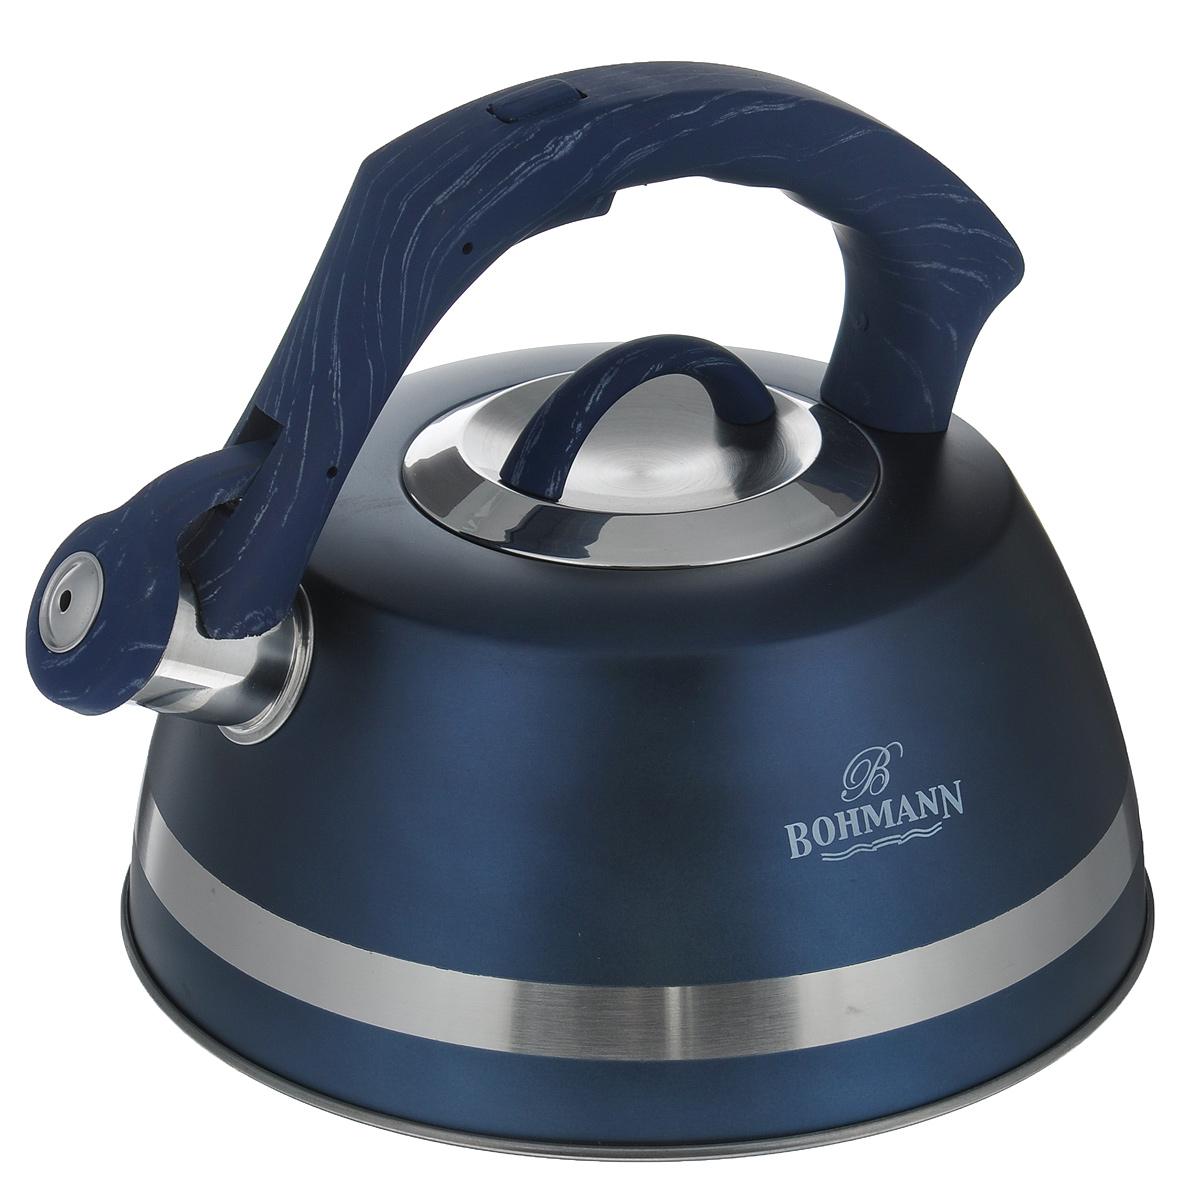 Чайник Bohmann со свистком, цвет: синий, 3,5 л. BH - 9967BH - 9967Чайник Bohmann изготовлен из высококачественной нержавеющей стали с матовым цветным покрытием. Фиксированная ручка изготовлена из бакелита с прорезиненным покрытием. Носик чайника оснащен откидным свистком, звуковой сигнал которого подскажет, когда закипит вода. Свисток открывается нажатием кнопки на ручке.Чайник Bohmann - качественное исполнение и стильное решение для вашей кухни. Подходит для использования на газовых, стеклокерамических, электрических, галогеновых и индукционных плитах. Также изделие можно мыть в посудомоечной машине. Высота чайника (без учета ручки и крышки): 10,5 см. Высота чайника (с учетом ручки): 19 см. Диаметр основания чайника: 22,5 см. Диаметр чайника (по верхнему краю): 10 см.